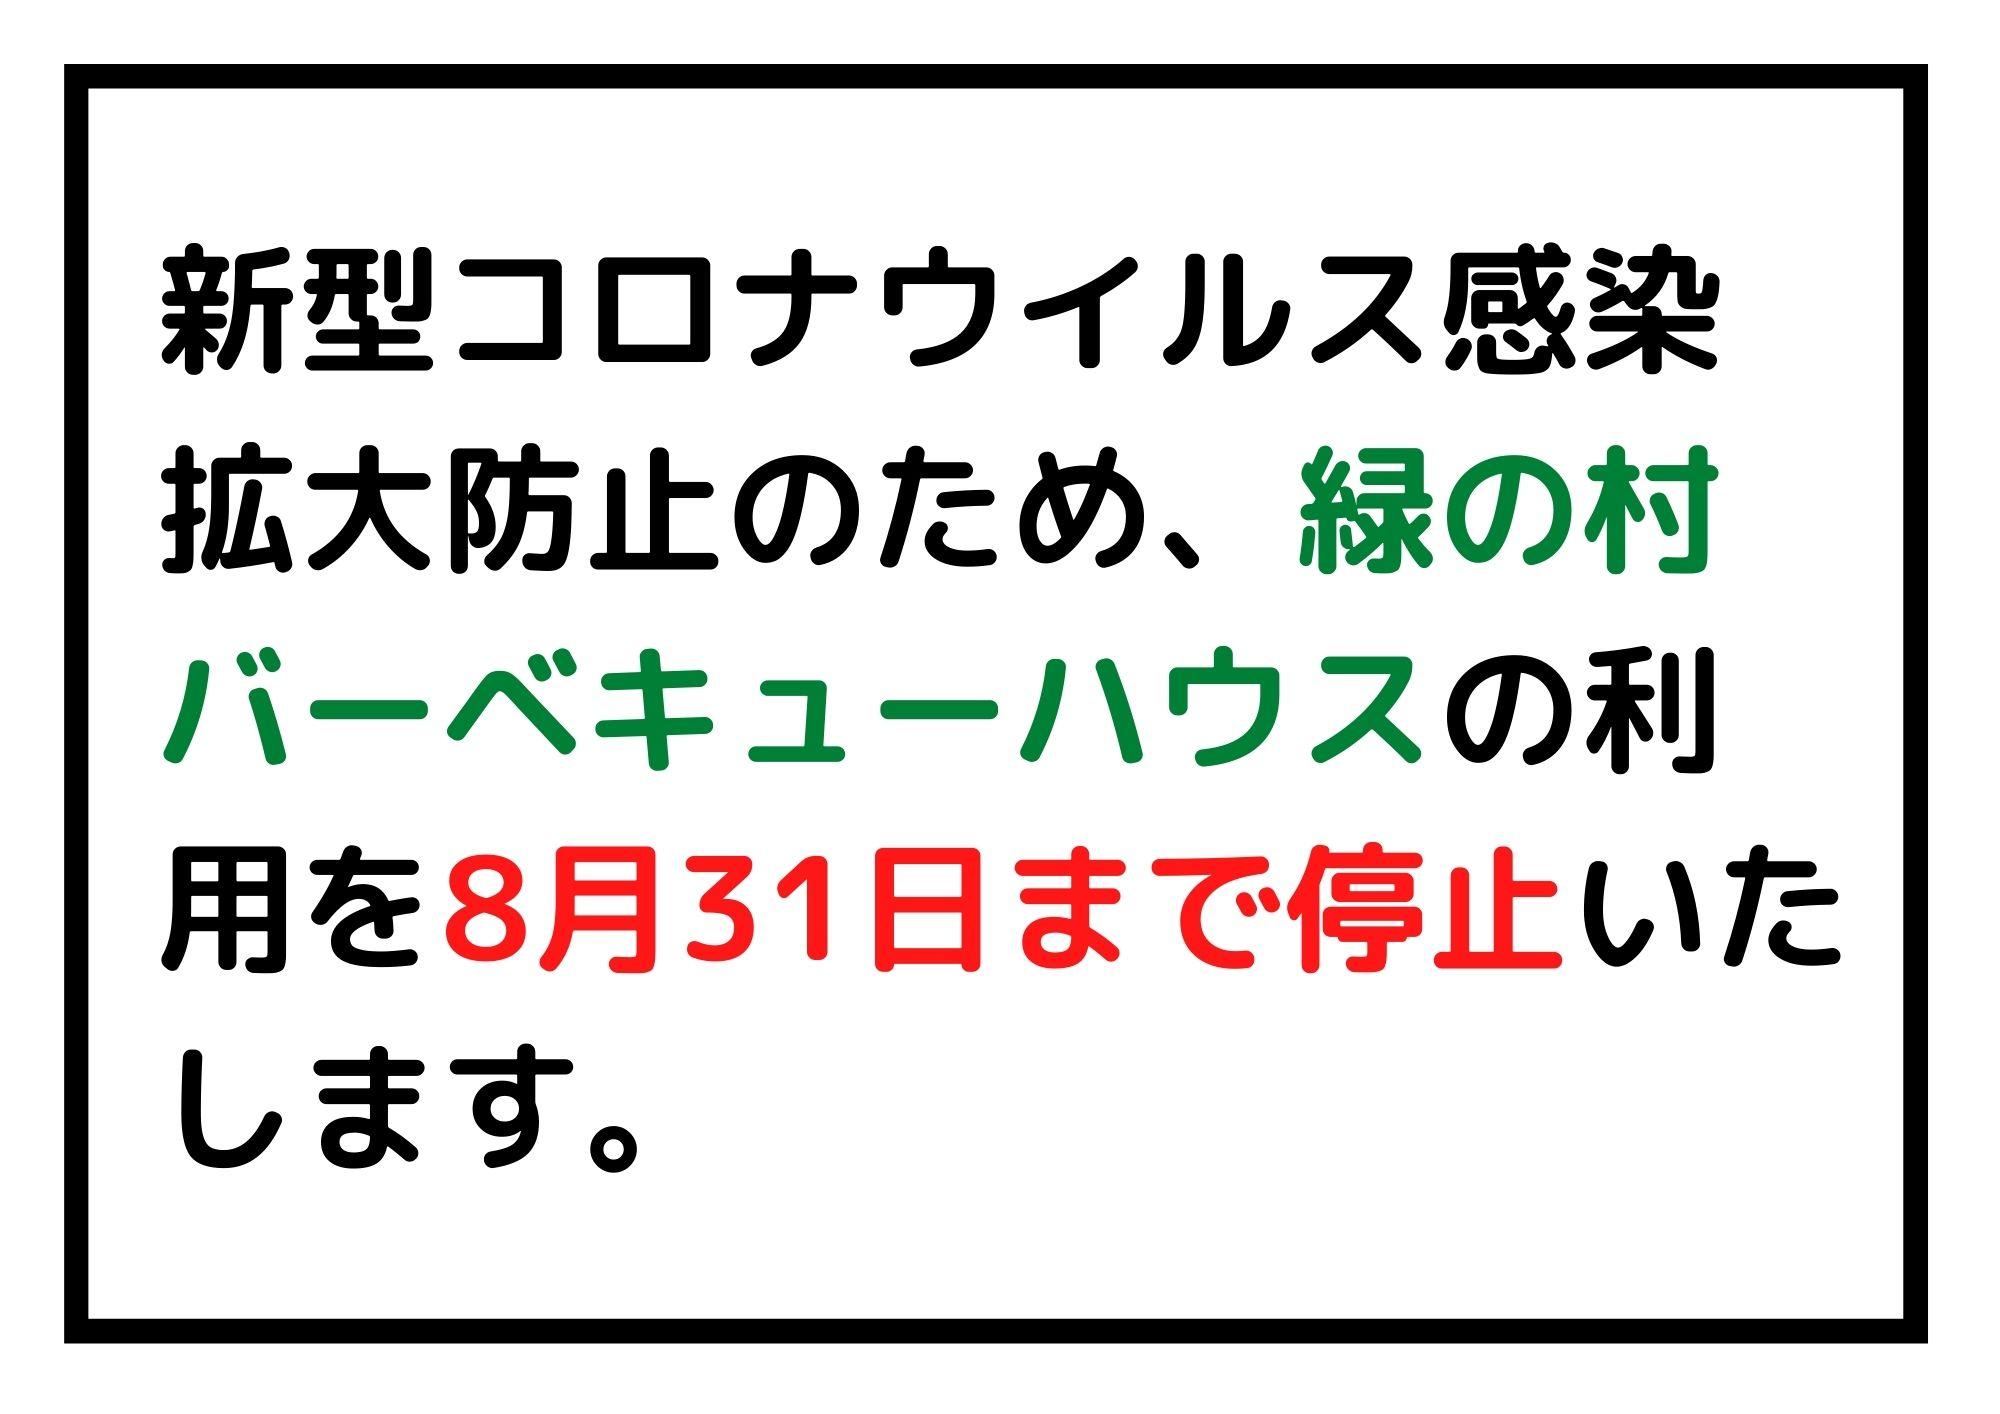 緑の村バーベキューハウスの利用を8月31日まで停止いたします。